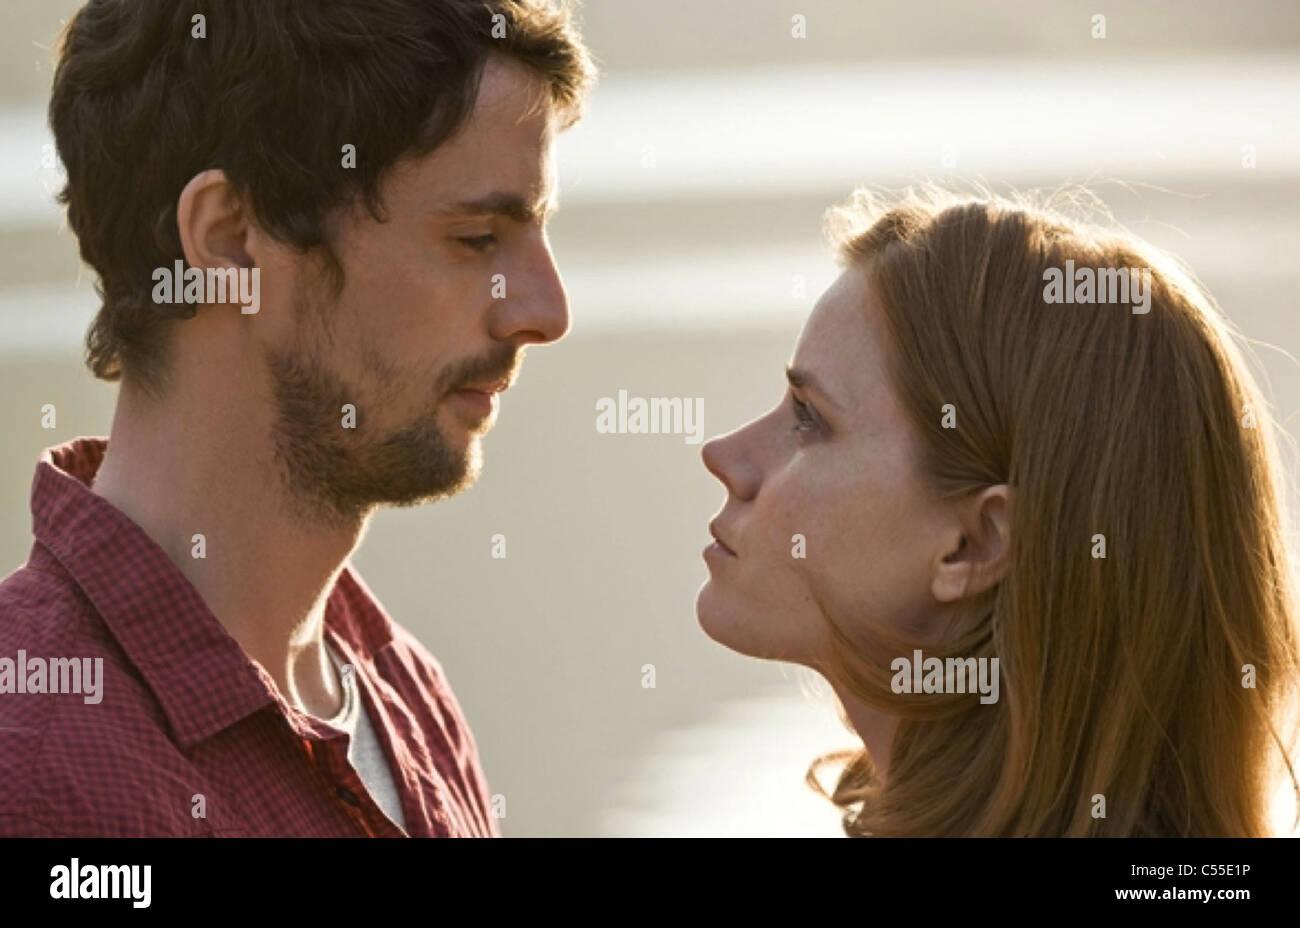 Année bissextile 2010 film universel avec Amy Adams et Matthew Goode Photo Stock